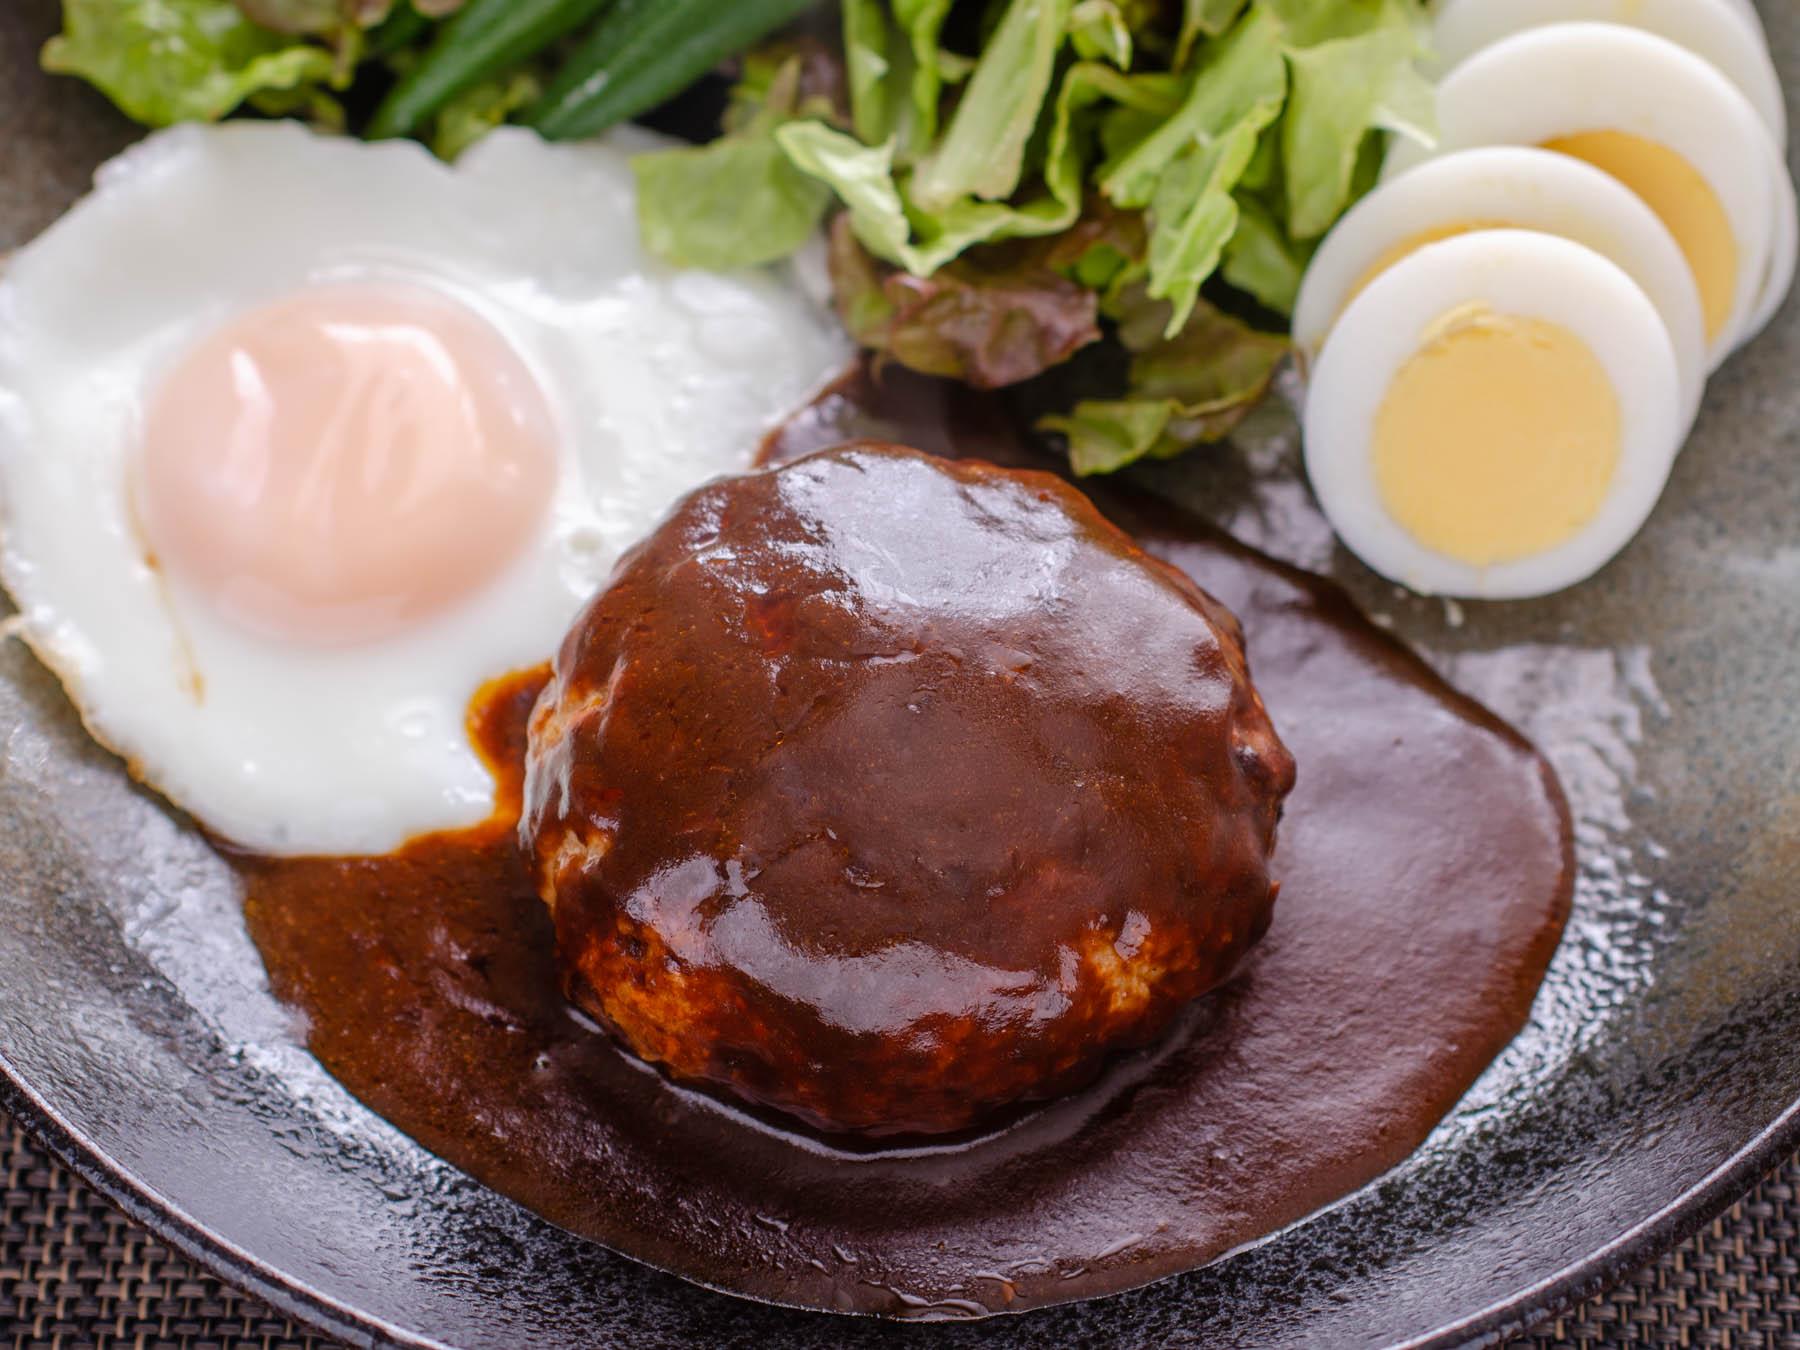 皿に盛り付けた味の素「洋食亭」ハンバーグ 撮影:NIKON D7000 + SIGAMA 50mm